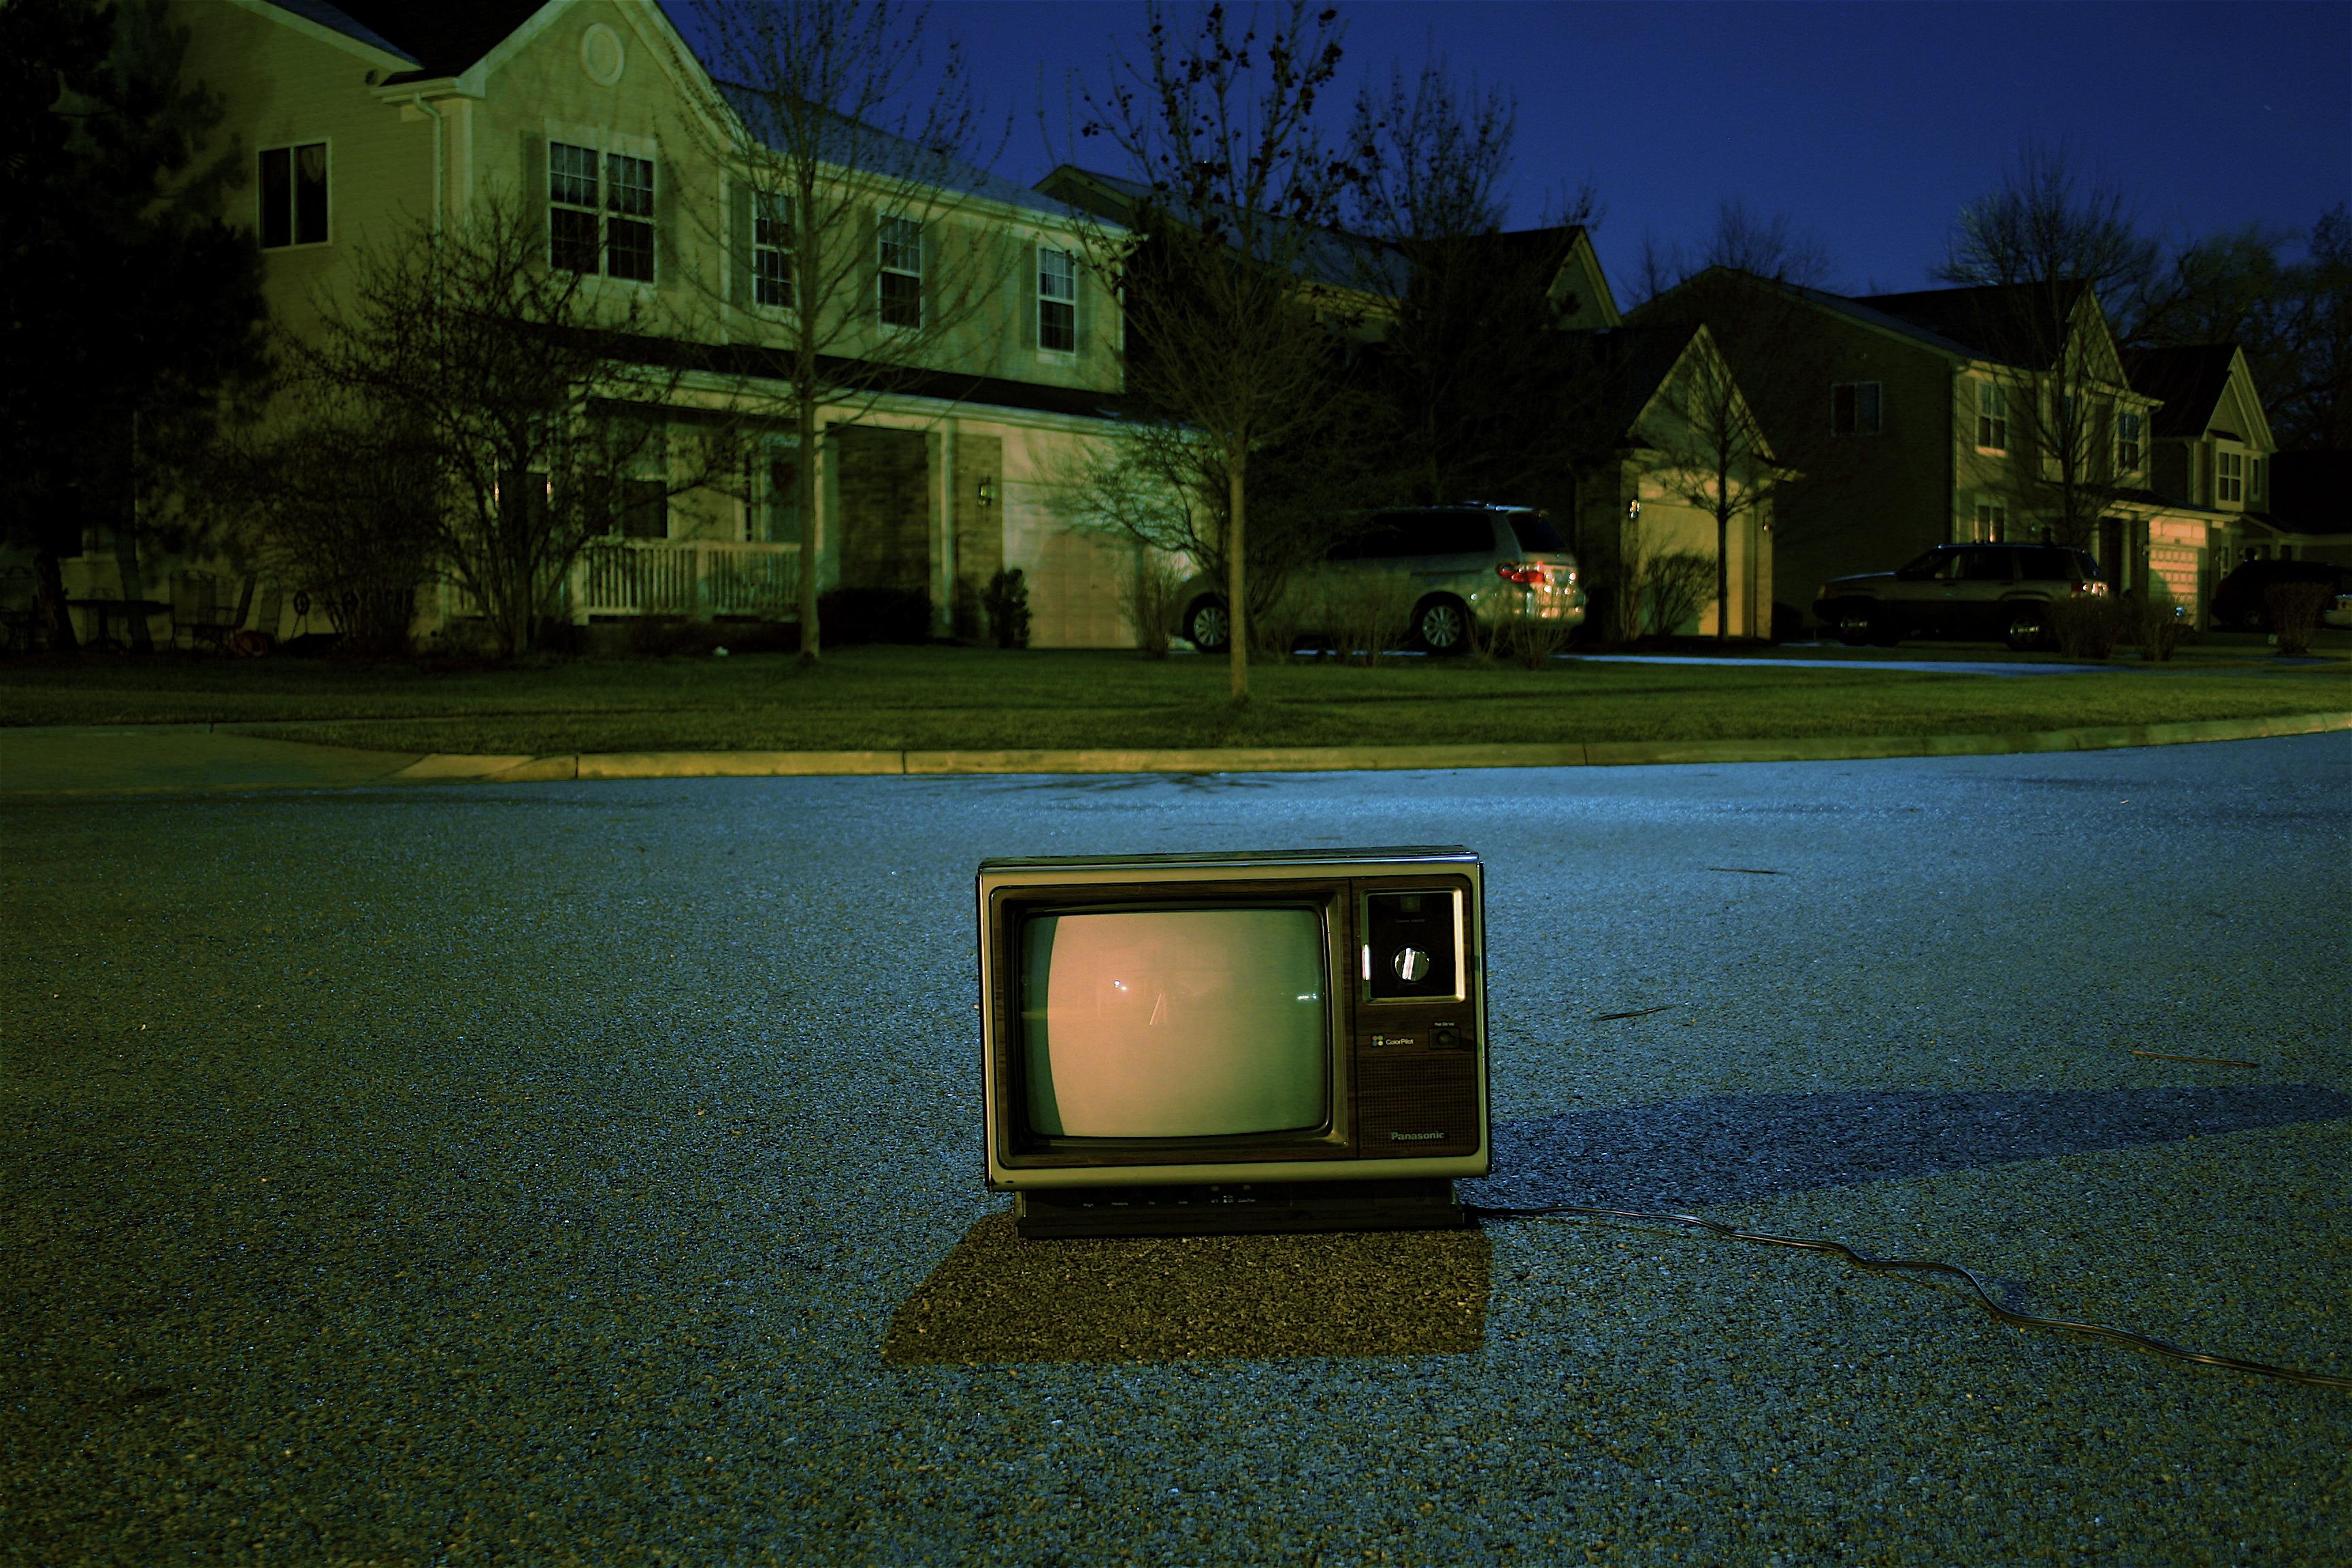 tv outside of house